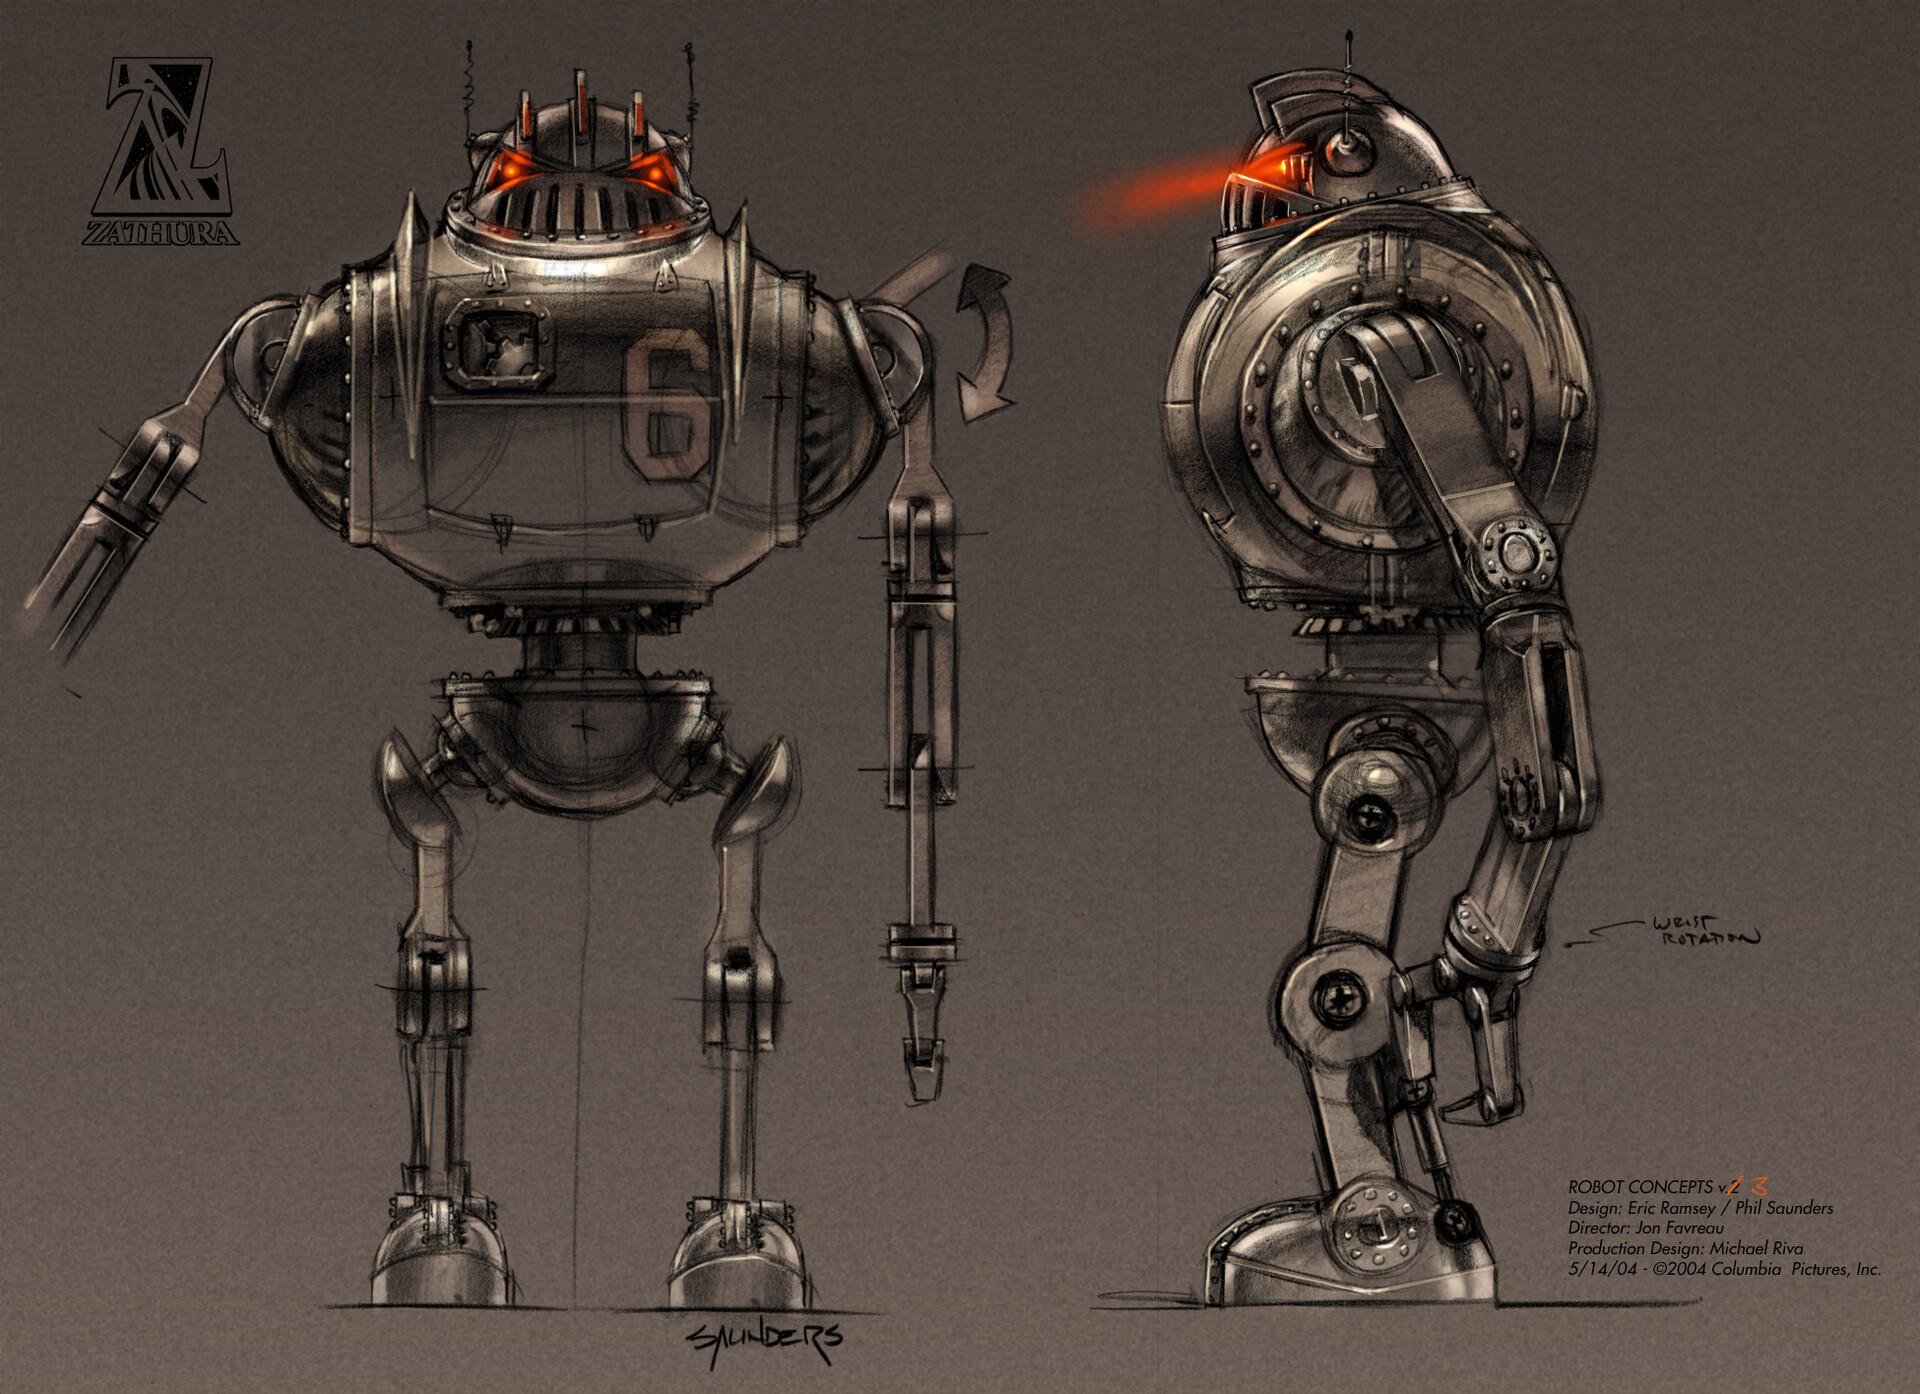 The final robot design.